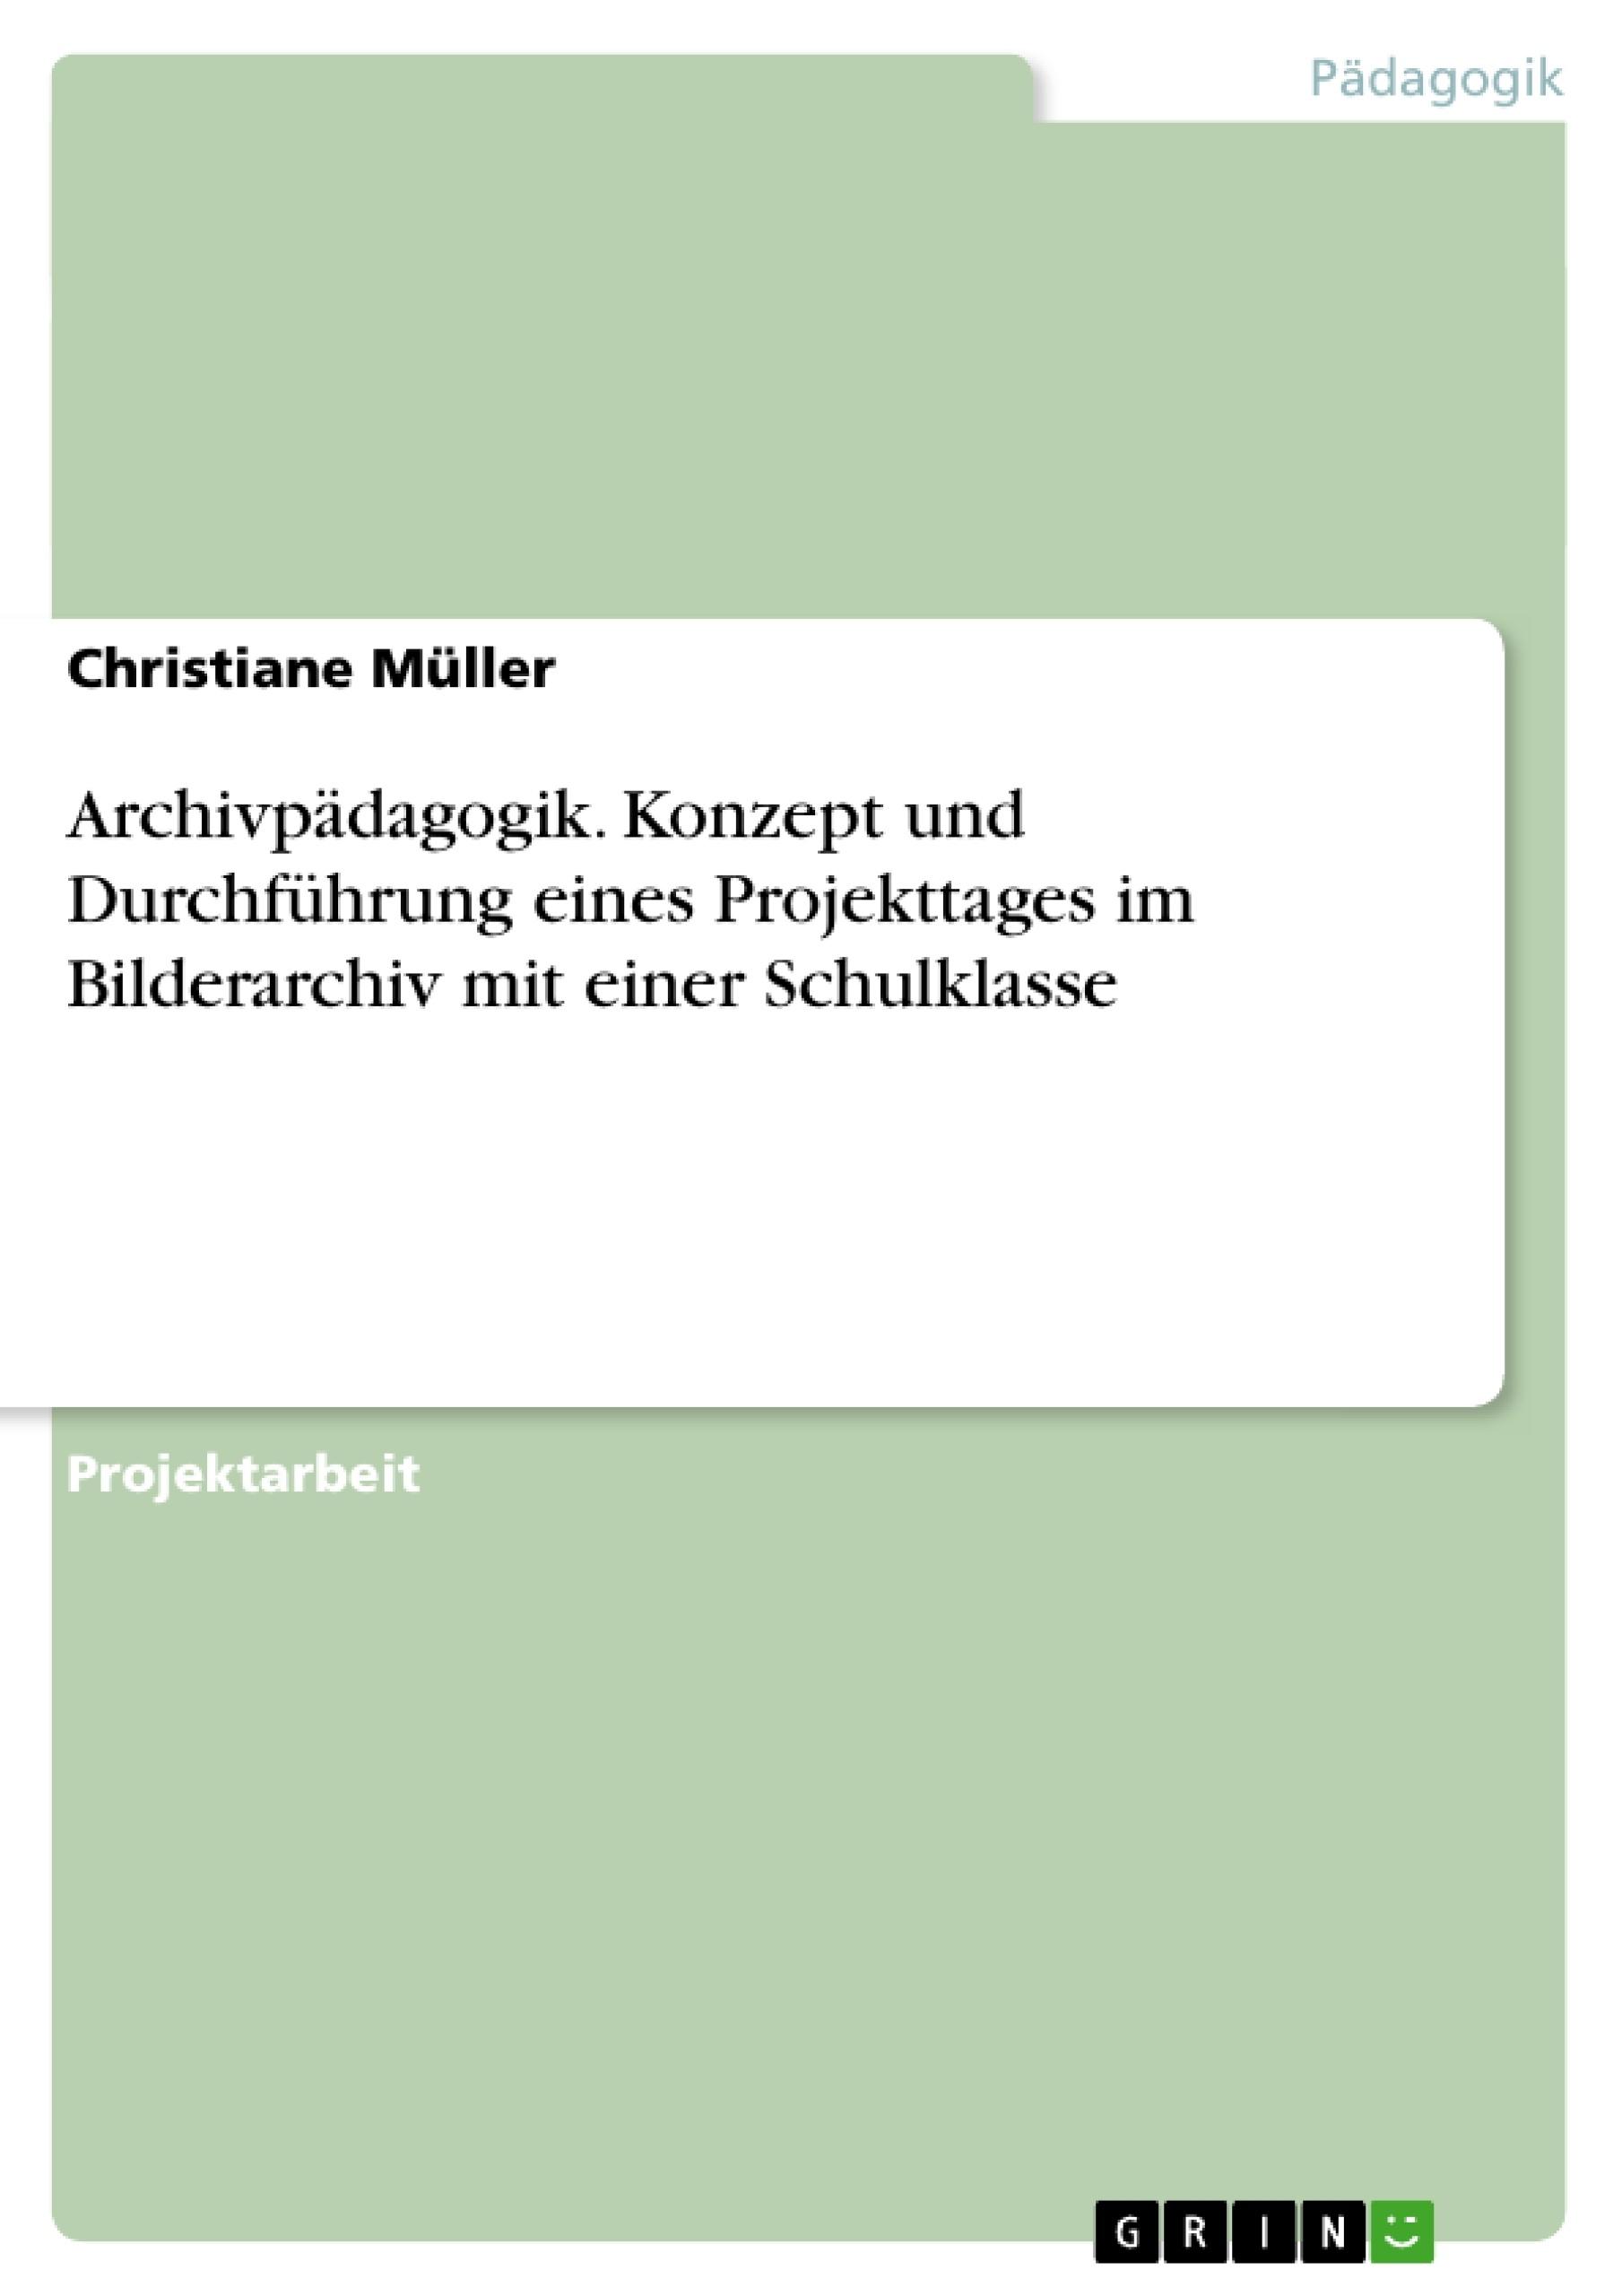 Titel: Archivpädagogik. Konzept und Durchführung eines Projekttages im Bilderarchiv mit einer Schulklasse